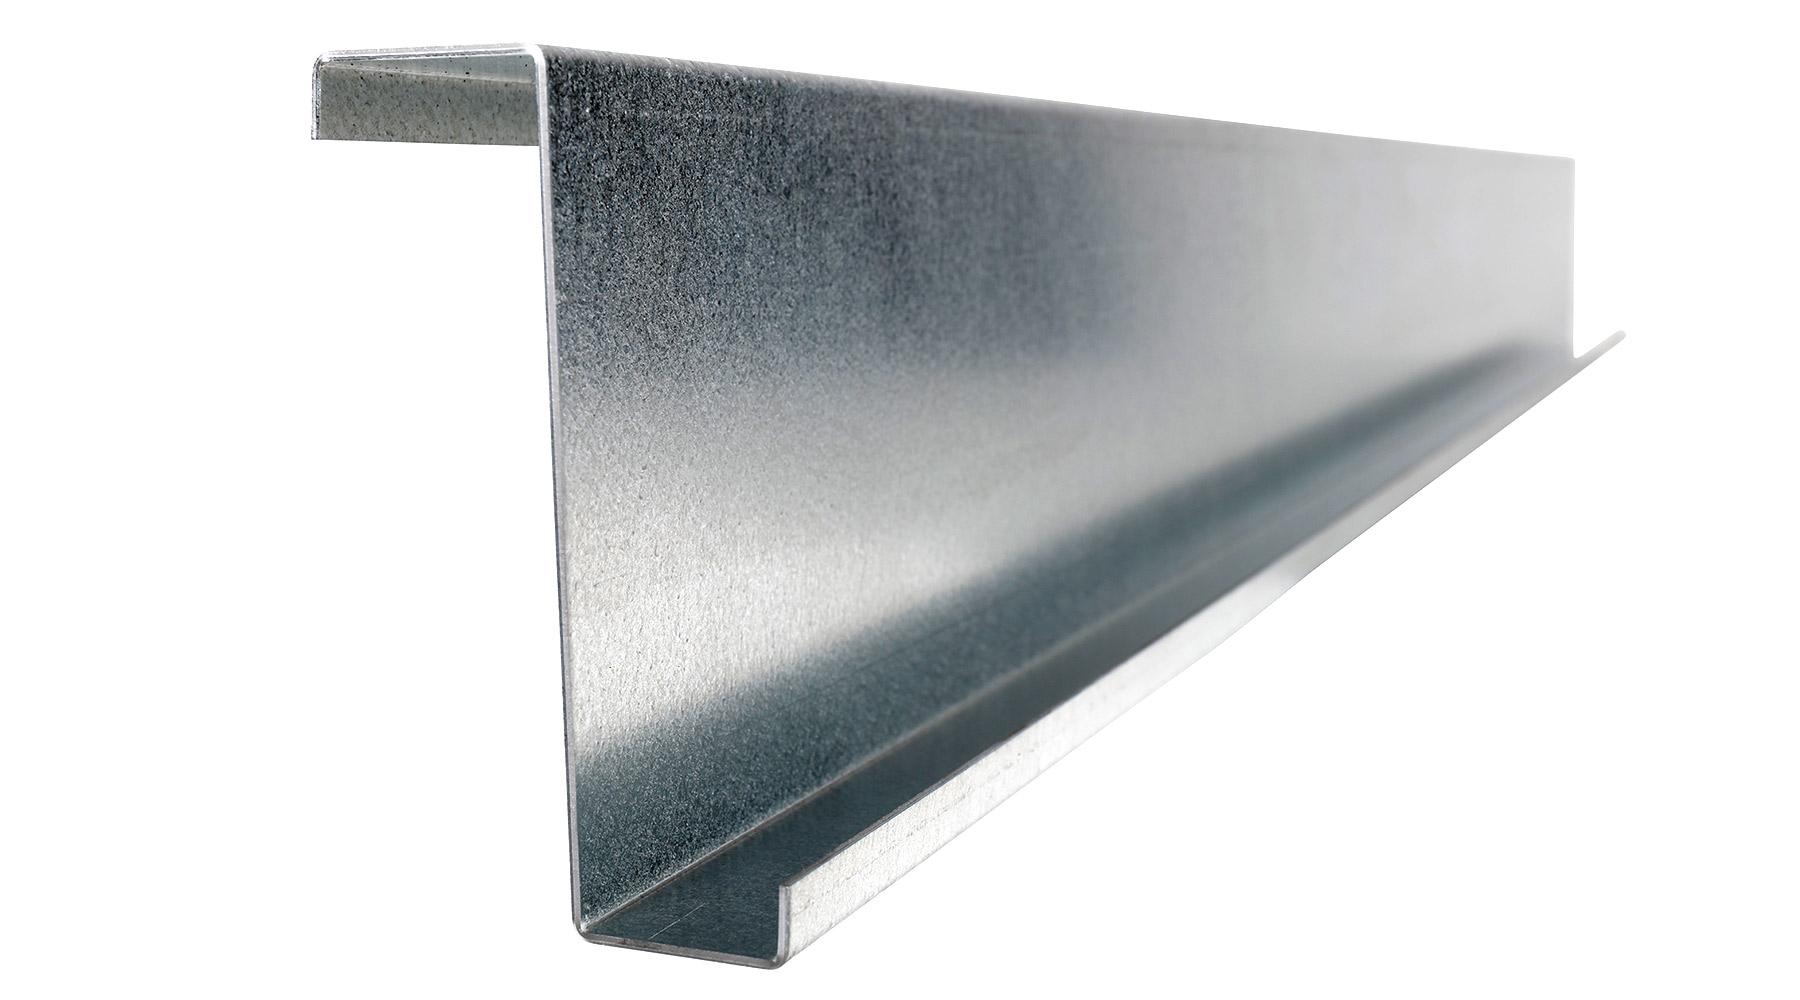 Letvægtsprofiler i stål